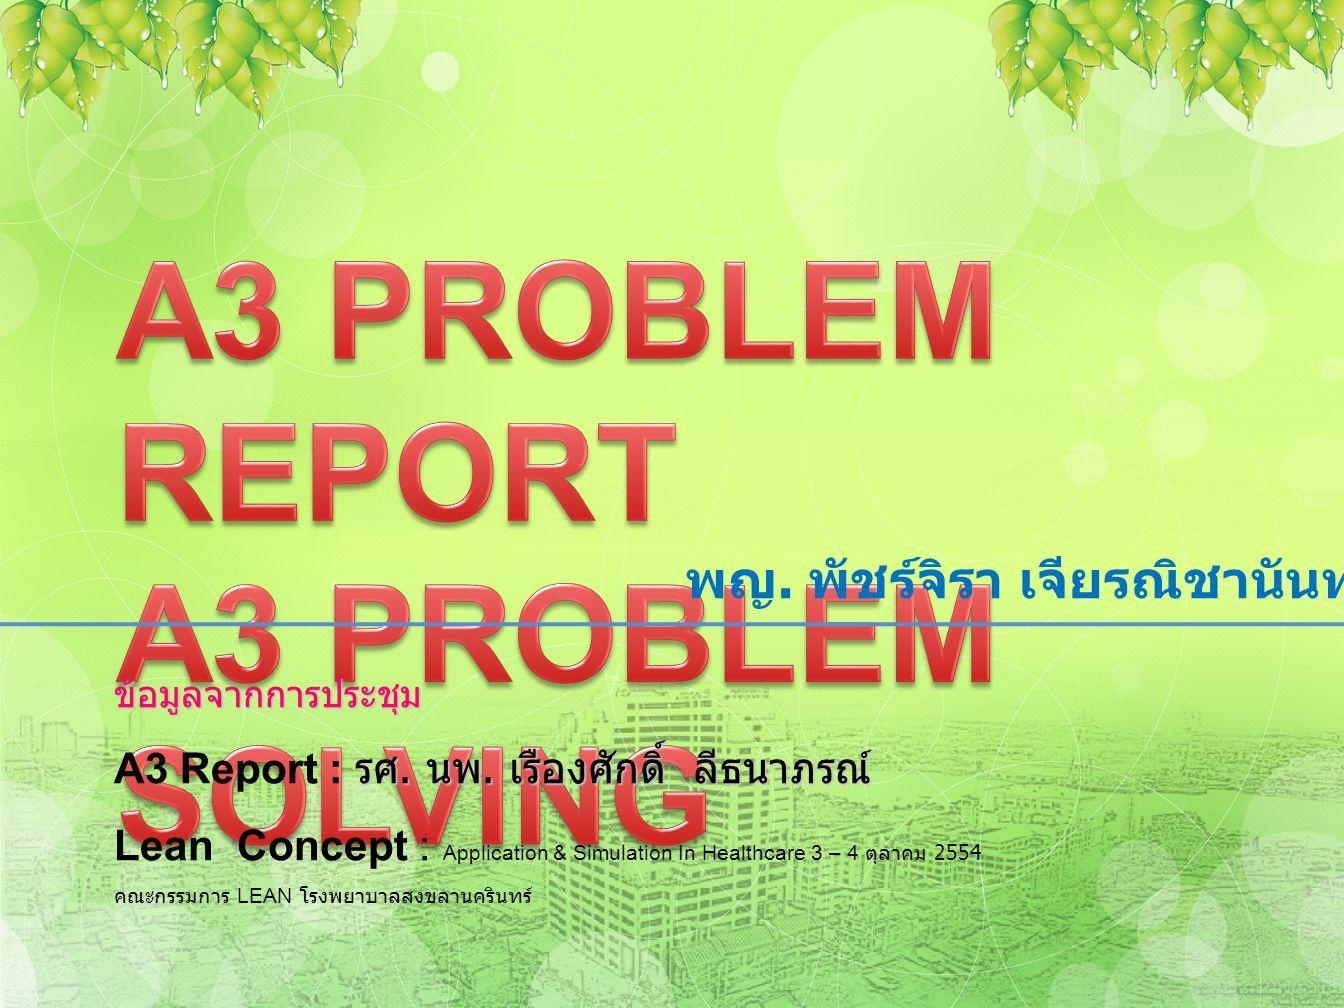 พญ. พัชร์จิรา เจียรณิชานันท์ ข้อมูลจากการประชุม รศ. นพ. เรืองศักดิ์ ลีธนาภรณ์ A3 Report : รศ. นพ. เรืองศักดิ์ ลีธนาภรณ์ Lean Concept : Application & S